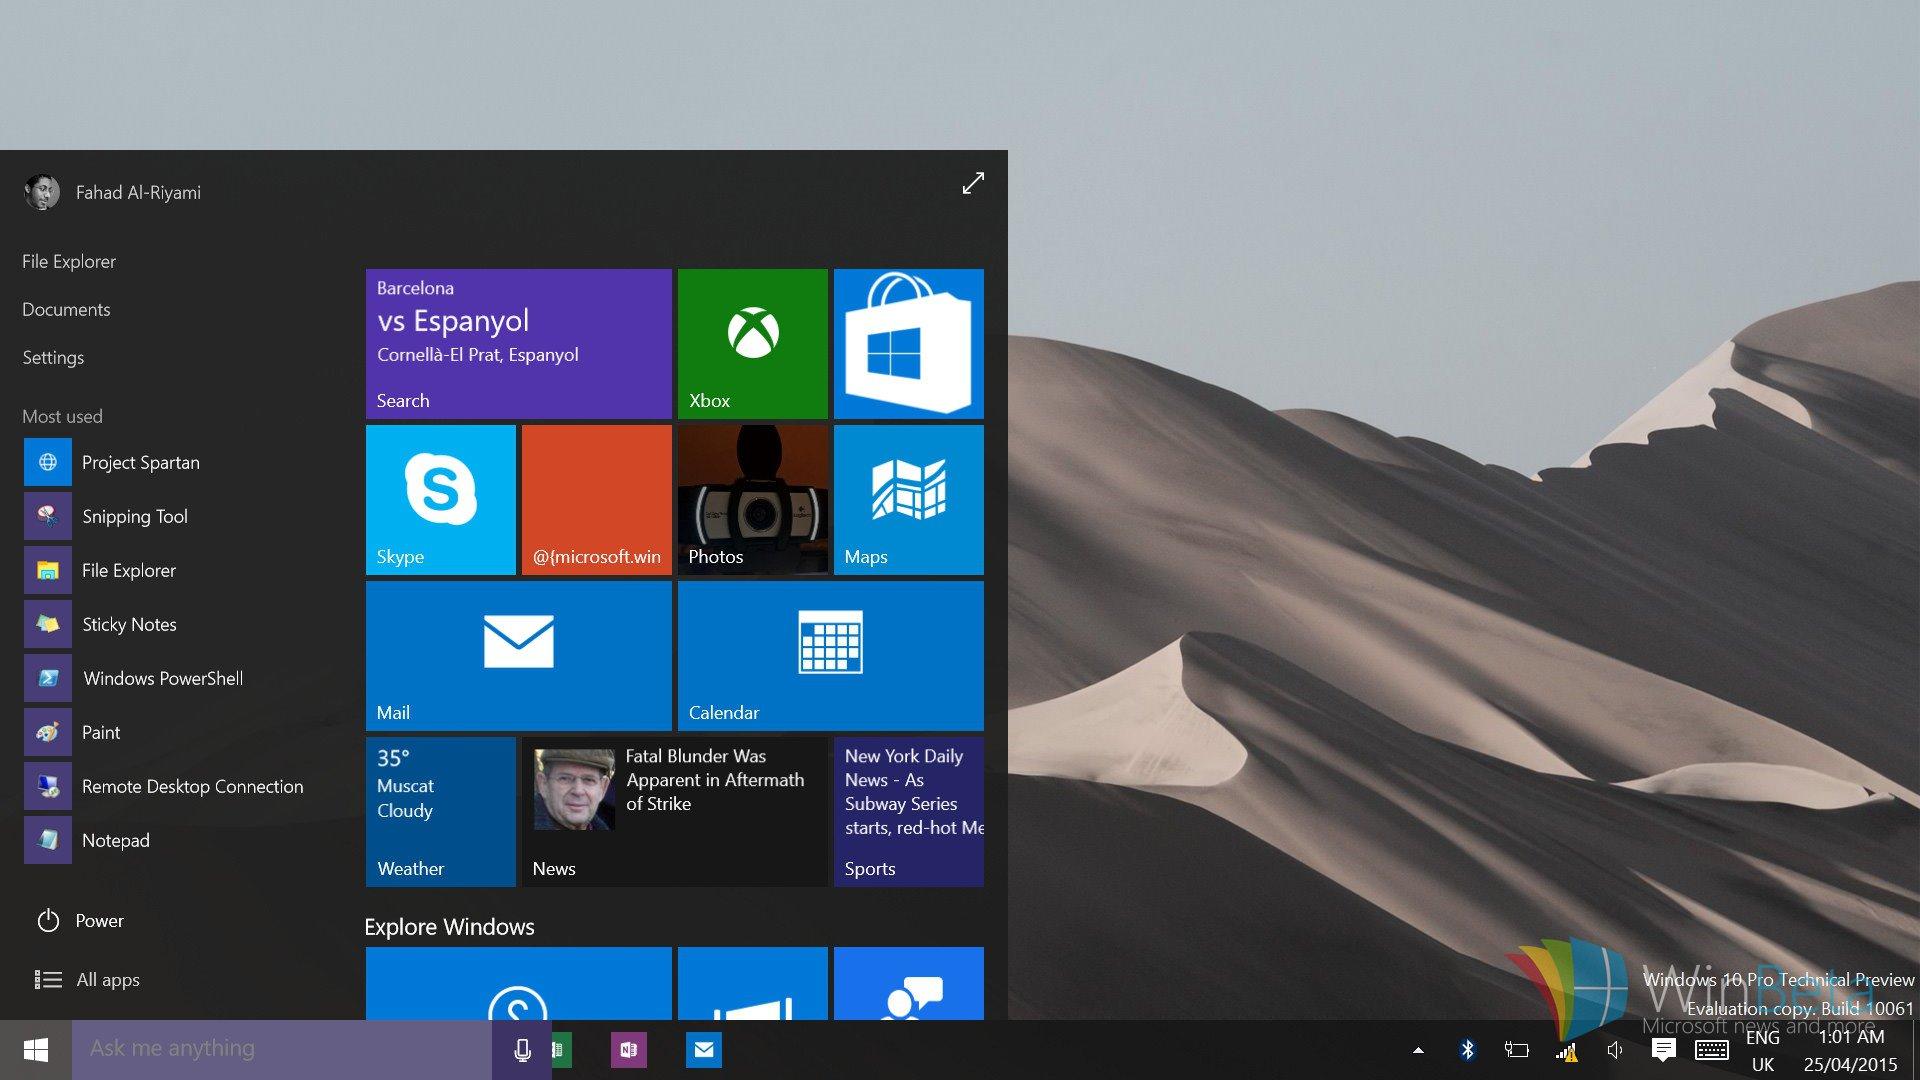 چرا نمی توان برنامه های Win32 را از منوی استارت در ویندوز 10 نسخه 10061 باز کرد؟